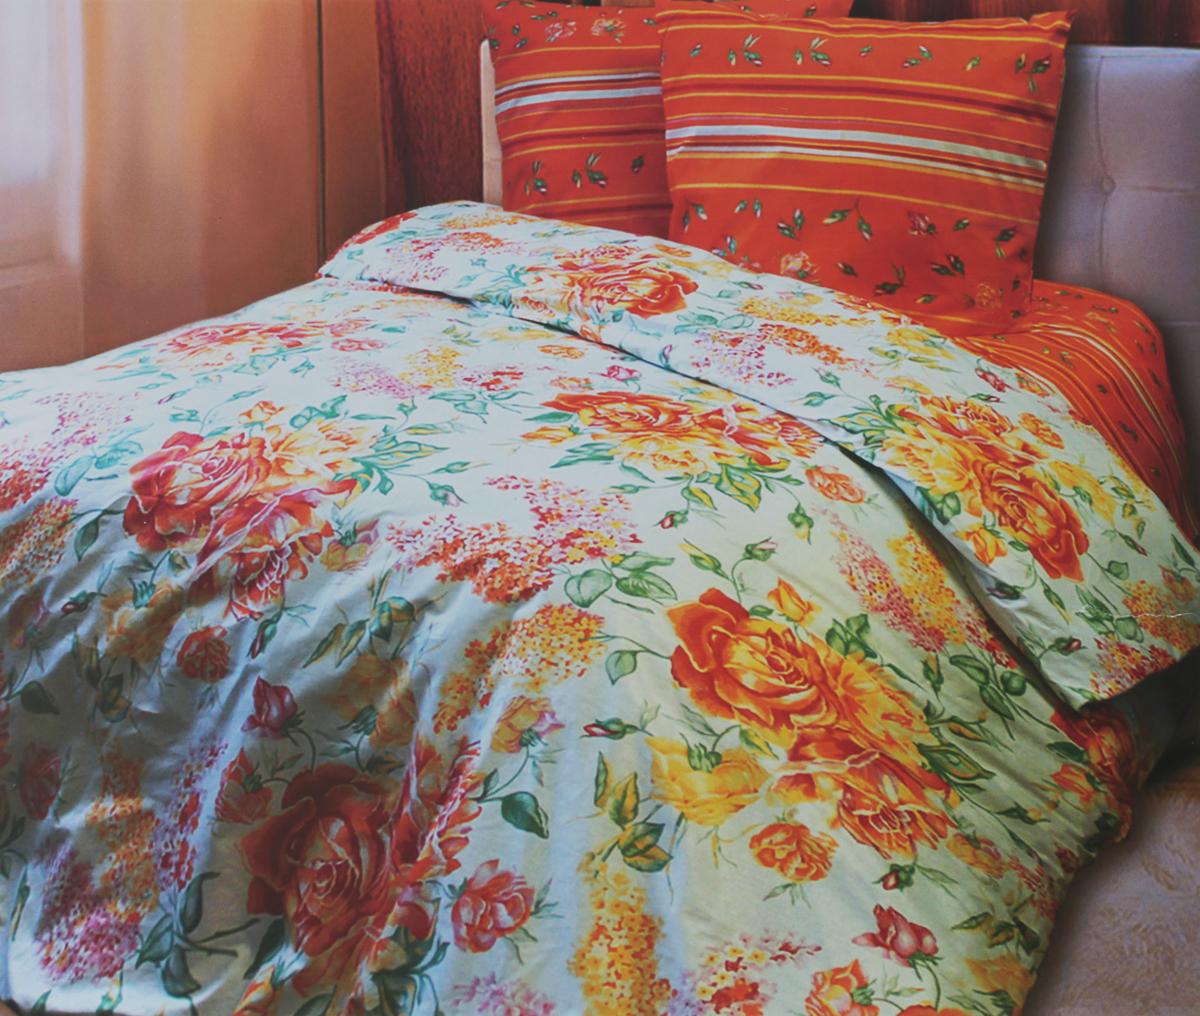 Комплект белья Катюша Сюзанна, семейное, наволочки 50х70C-266/3839Комплект постельного белья Катюша Сюзанна является экологически безопасным для всей семьи, так как выполнен из бязи (100% хлопок). Комплект состоит из двух пододеяльников, простыни и двух наволочек. Постельное белье оформлено оригинальным рисунком и имеет изысканный внешний вид.Бязь - это ткань полотняного переплетения, изготовленная из экологически чистого и натурального 100% хлопка. Она прочная, мягкая, обладает низкой сминаемостью, легко стирается и хорошо гладится. Бязь прекрасно пропускает воздух и за ней легко ухаживать. При соблюдении рекомендуемых условий стирки, сушки и глажения ткань имеет усадку по ГОСТу, сохранятся яркость текстильных рисунков.Приобретая комплект постельного белья Катюша Сюзанна, вы можете быть уверенны в том, что покупка доставит вам и вашим близким удовольствие иподарит максимальный комфорт.